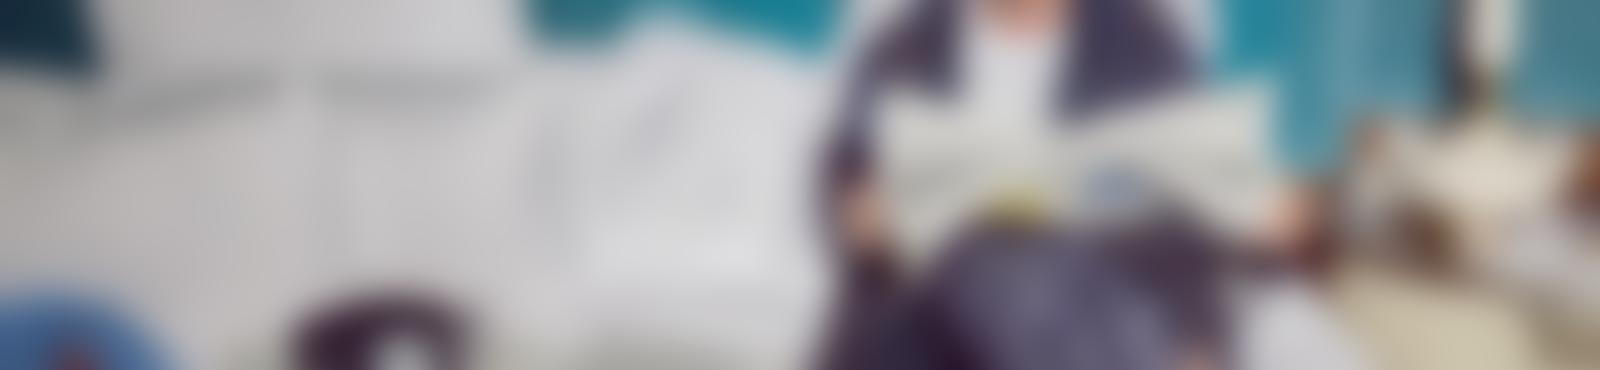 Blurred bf39f917 d947 420e 9343 3282f5a63819